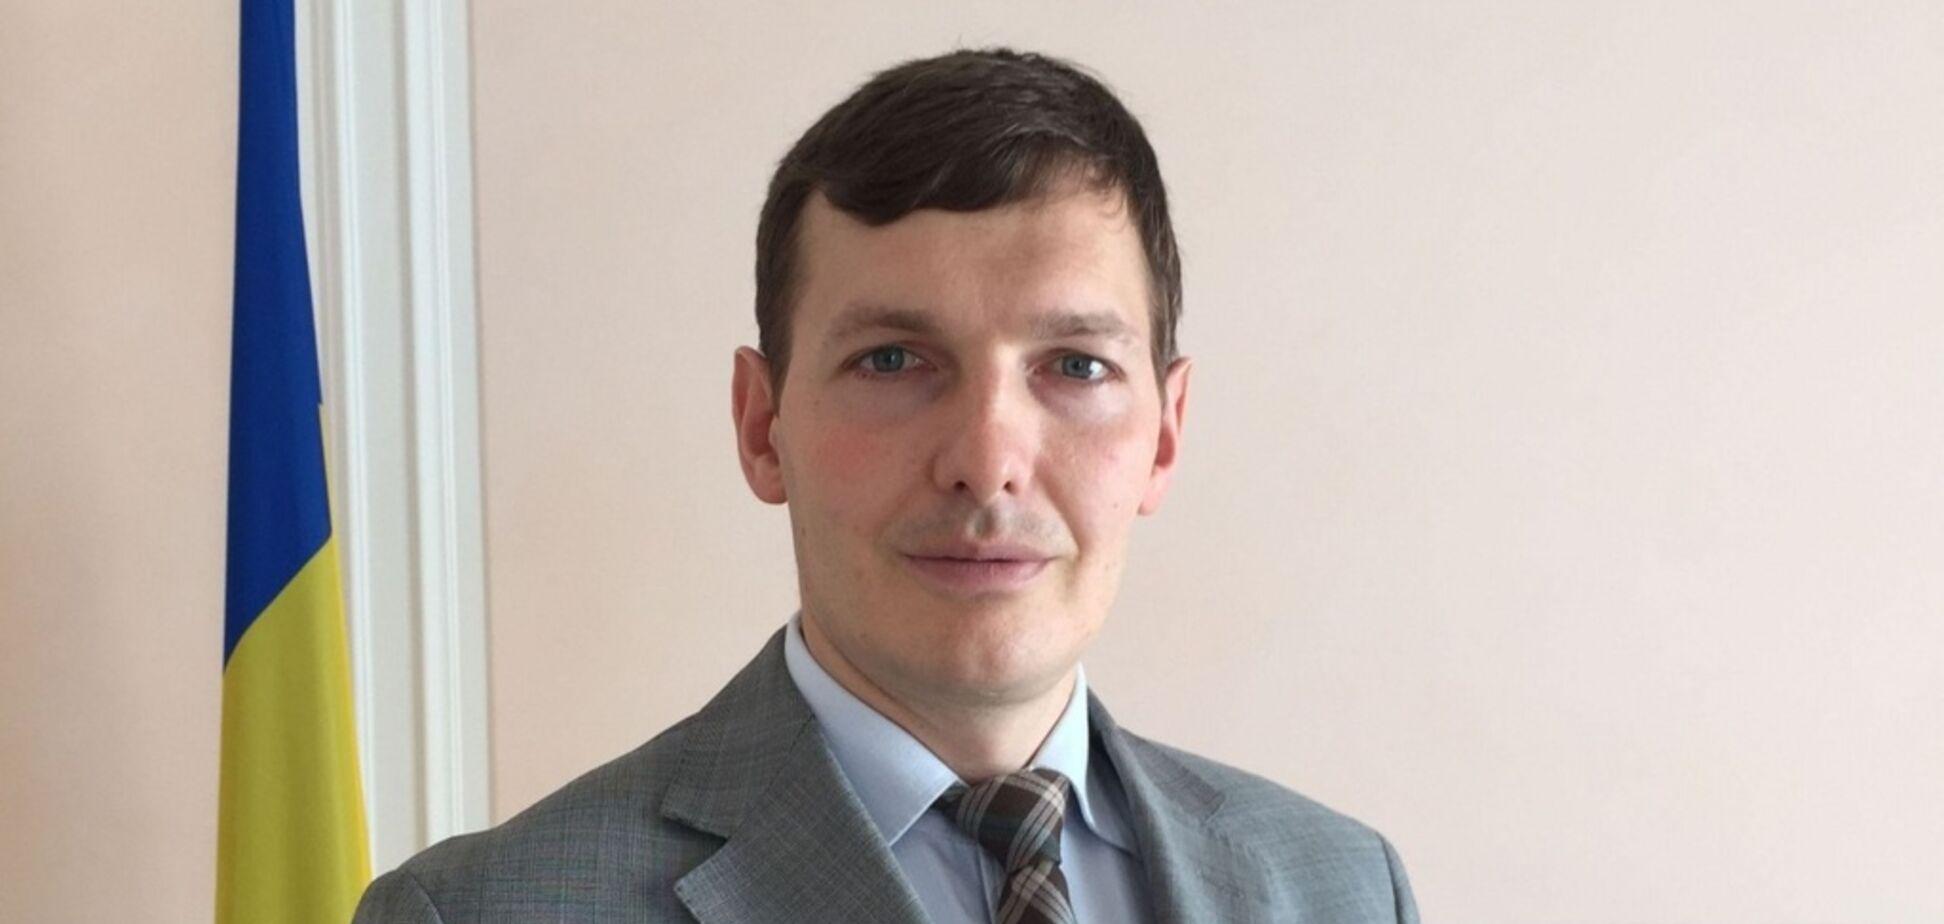 Луценко уволил с должности скандального зама